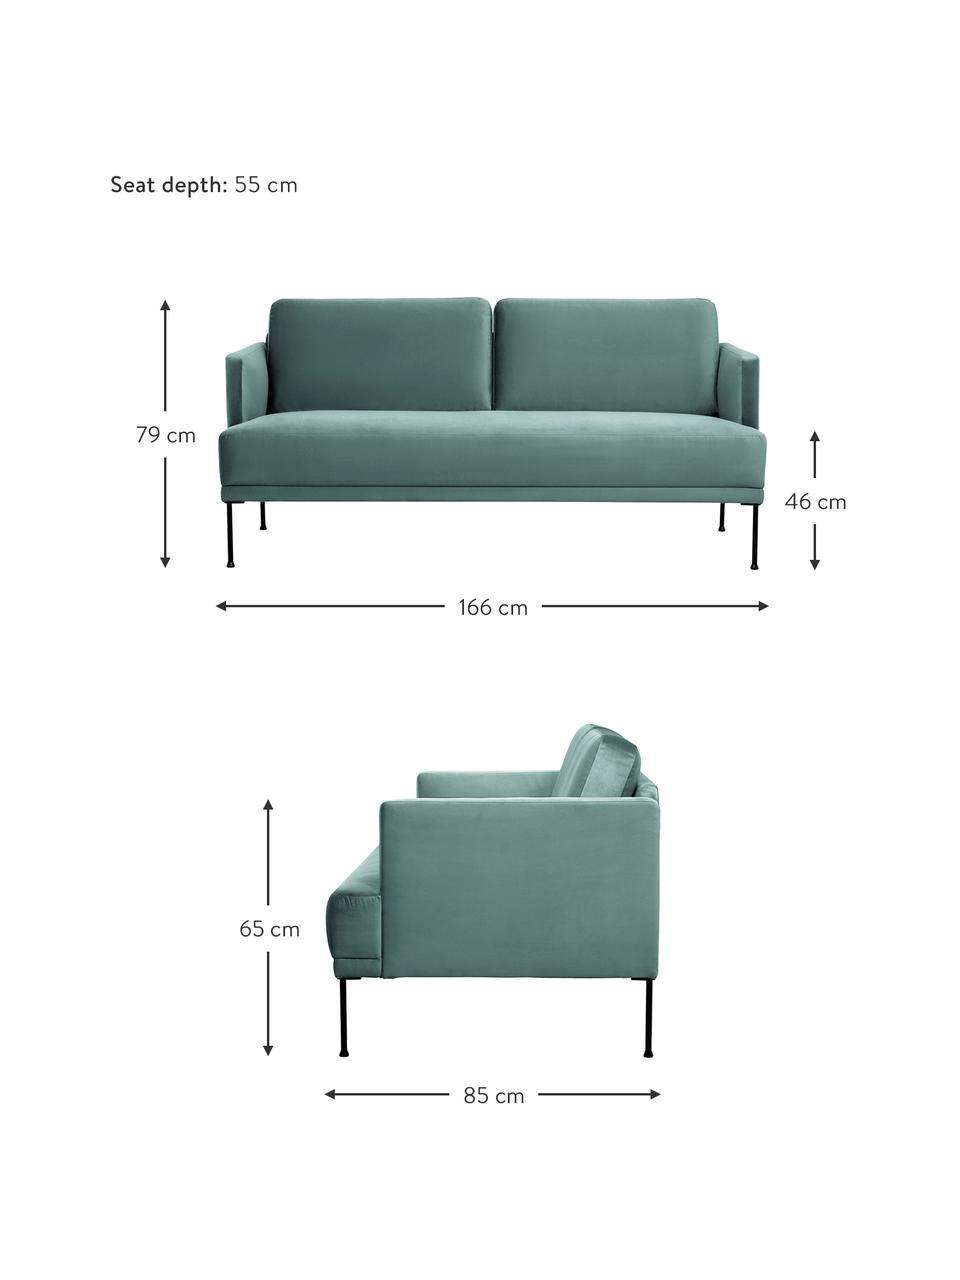 Sofa z aksamitu z metalowymi nogami Fluente (2-osobowa), Tapicerka: aksamit (wysokiej jakości, Nogi: metal malowany proszkowo, Aksamitny jasny zielony, S 166 x G 85 cm